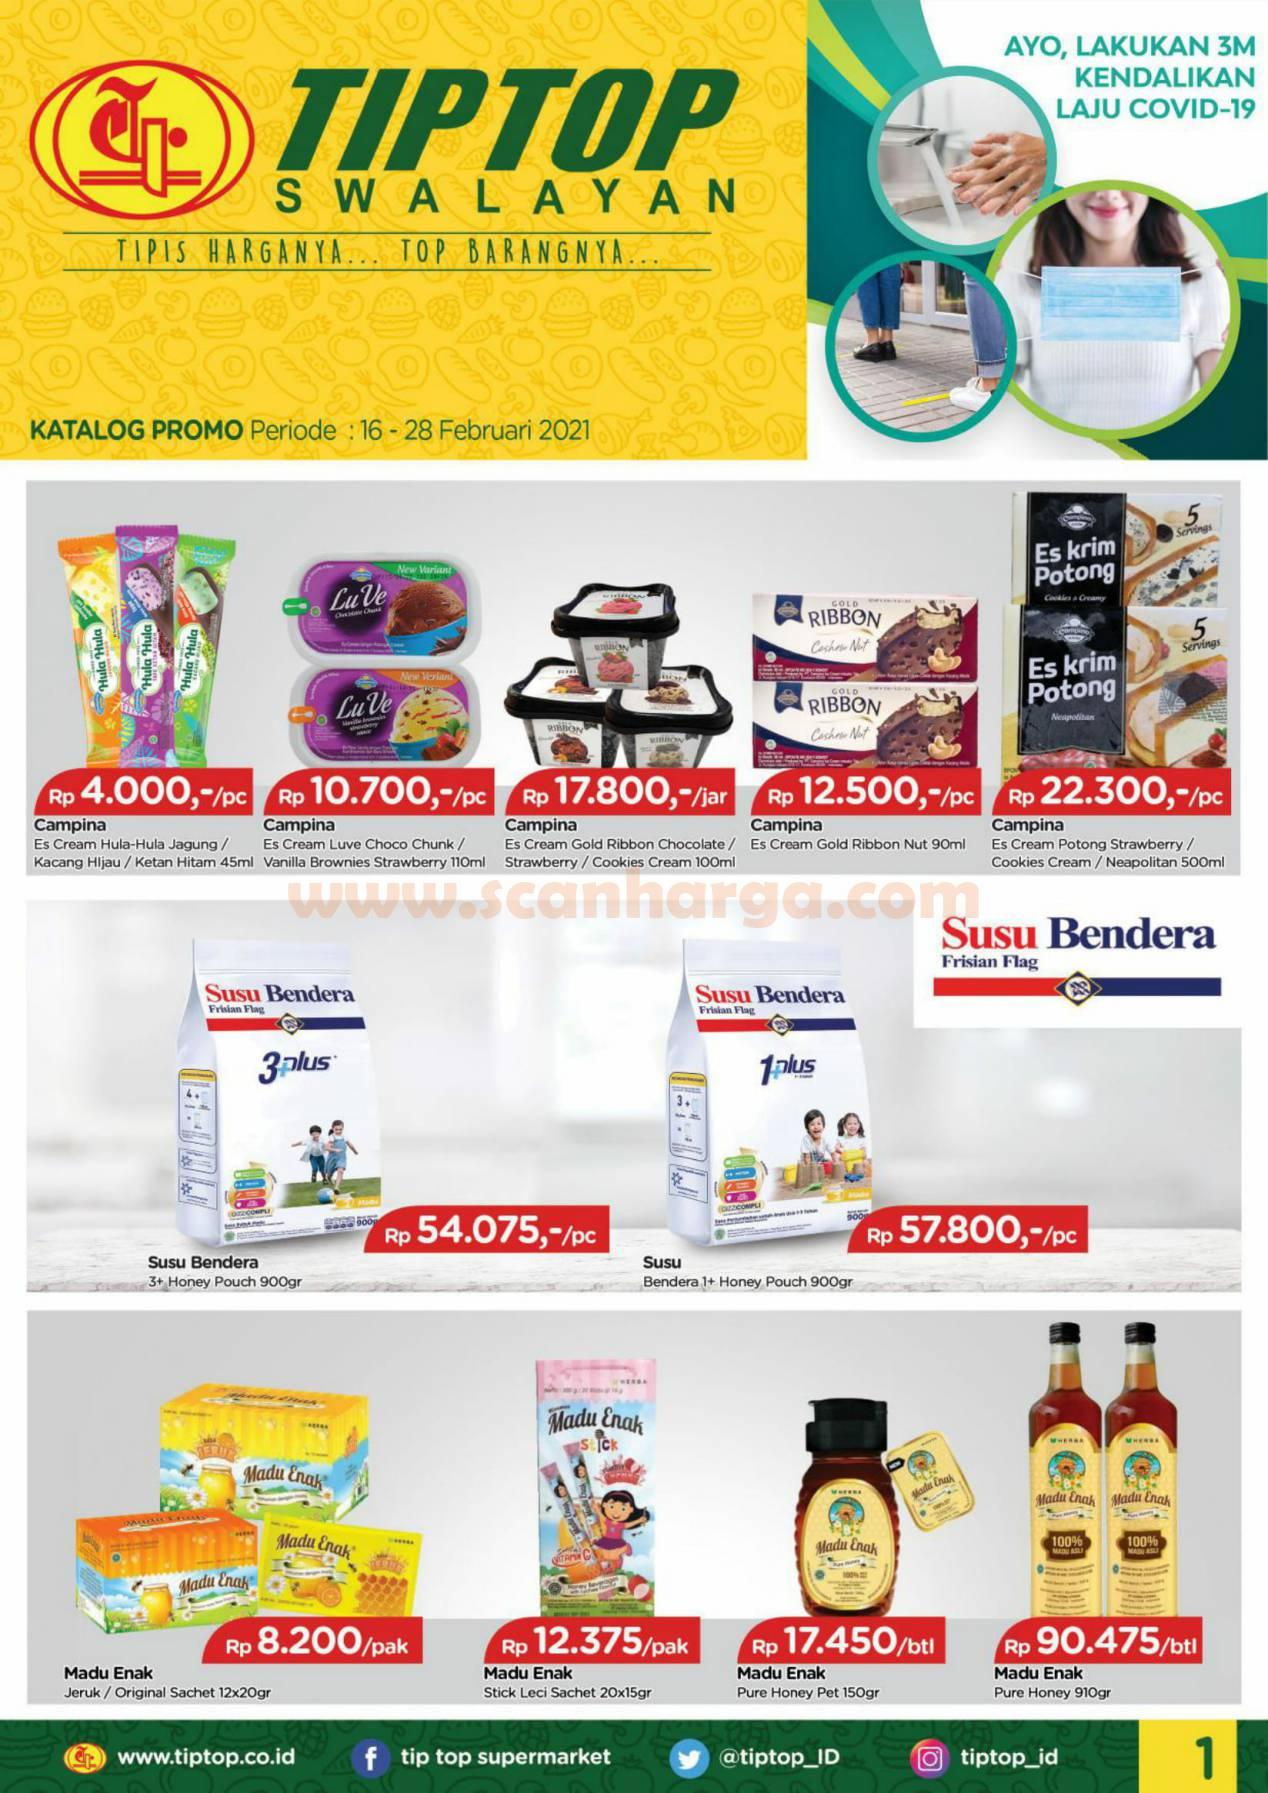 Katalog Promo Tip Top Pasar Swalayan 16 - 28 Februari 2021 1